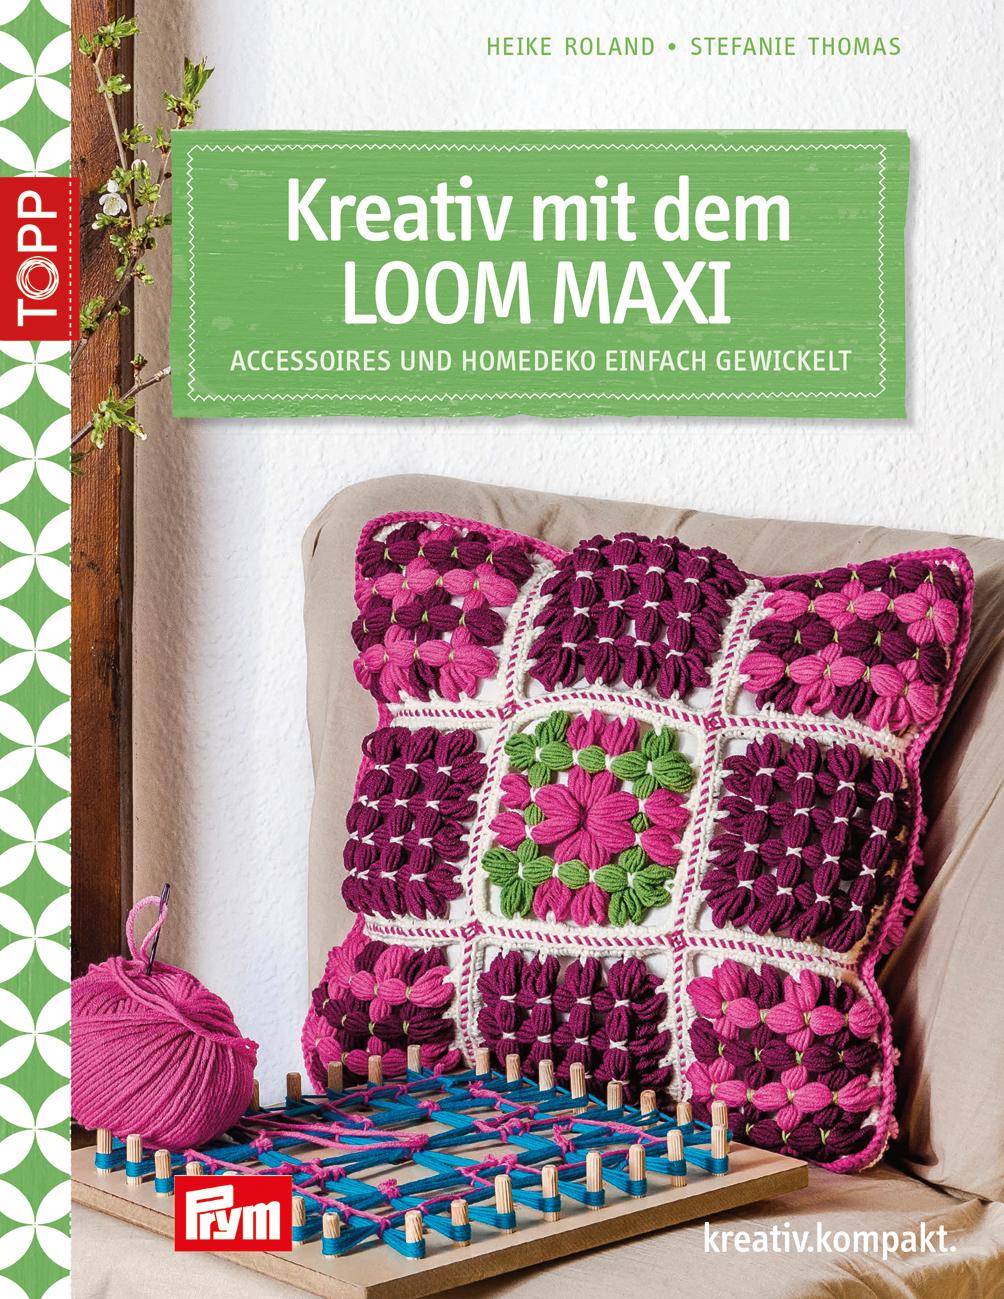 Kreativ Mit Dem Loom Maxi Häkeln Topp Kreativde